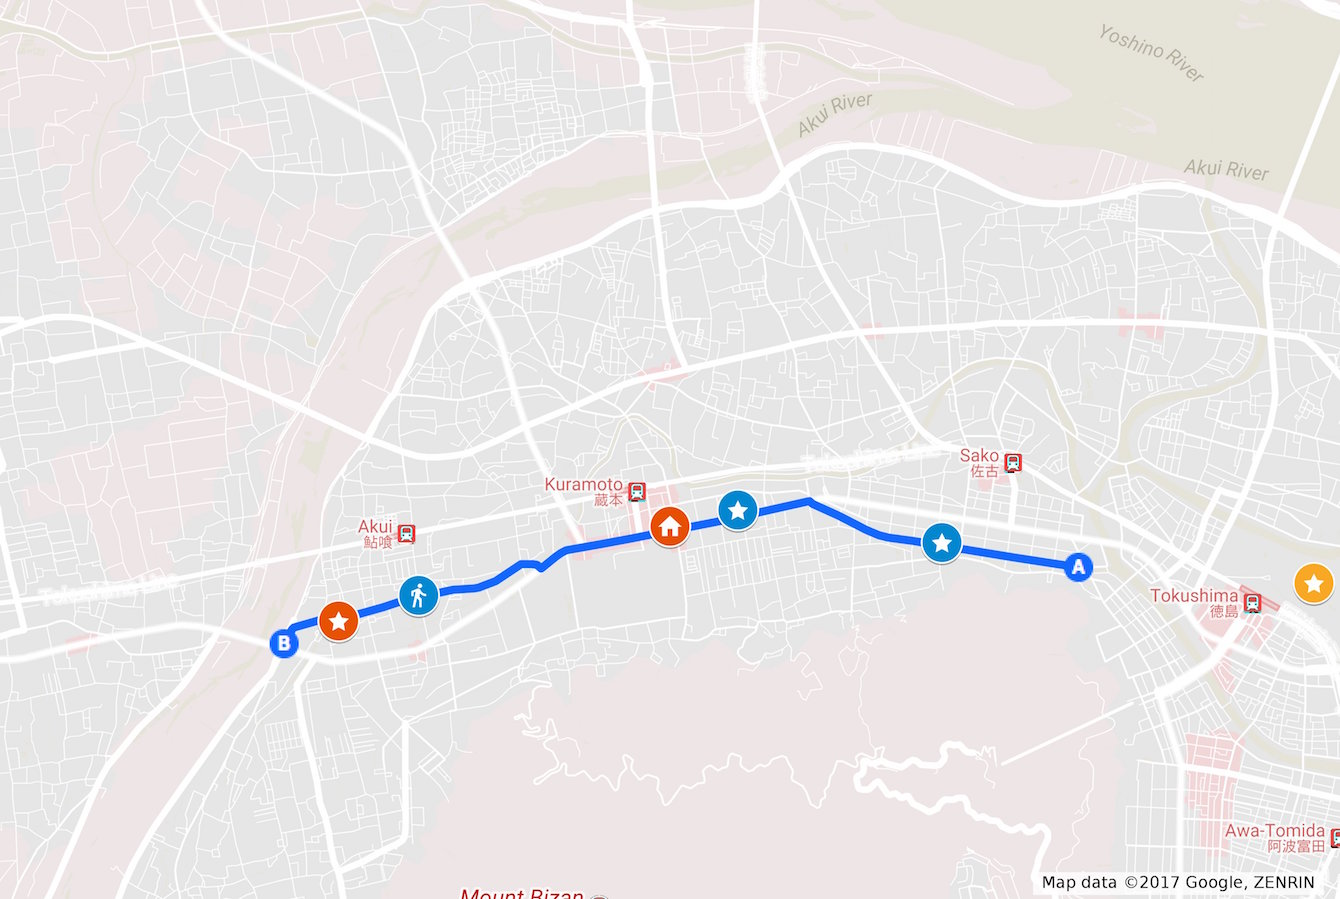 地図2 赤い☆マークはかまだ文具店さん。家マークは蔵本BASE。青い☆マークは前回記事で訪れたお酢屋さんと酒醸造屋さん。オレンジの☆マークは徳島城跡。